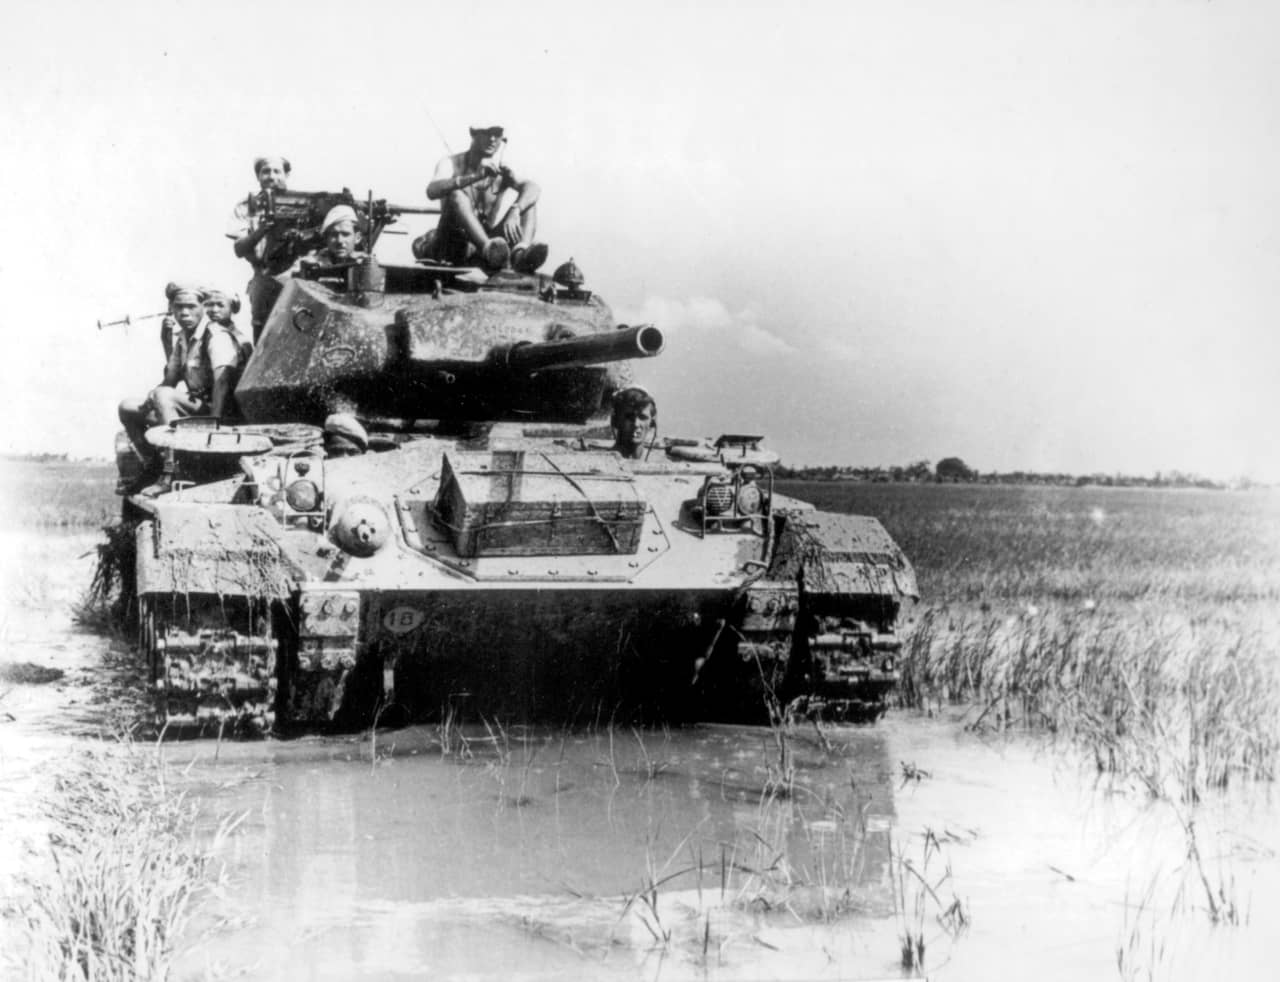 第2次大戦に投入された最良の軽戦車M24チャーフィー(アメリカ)